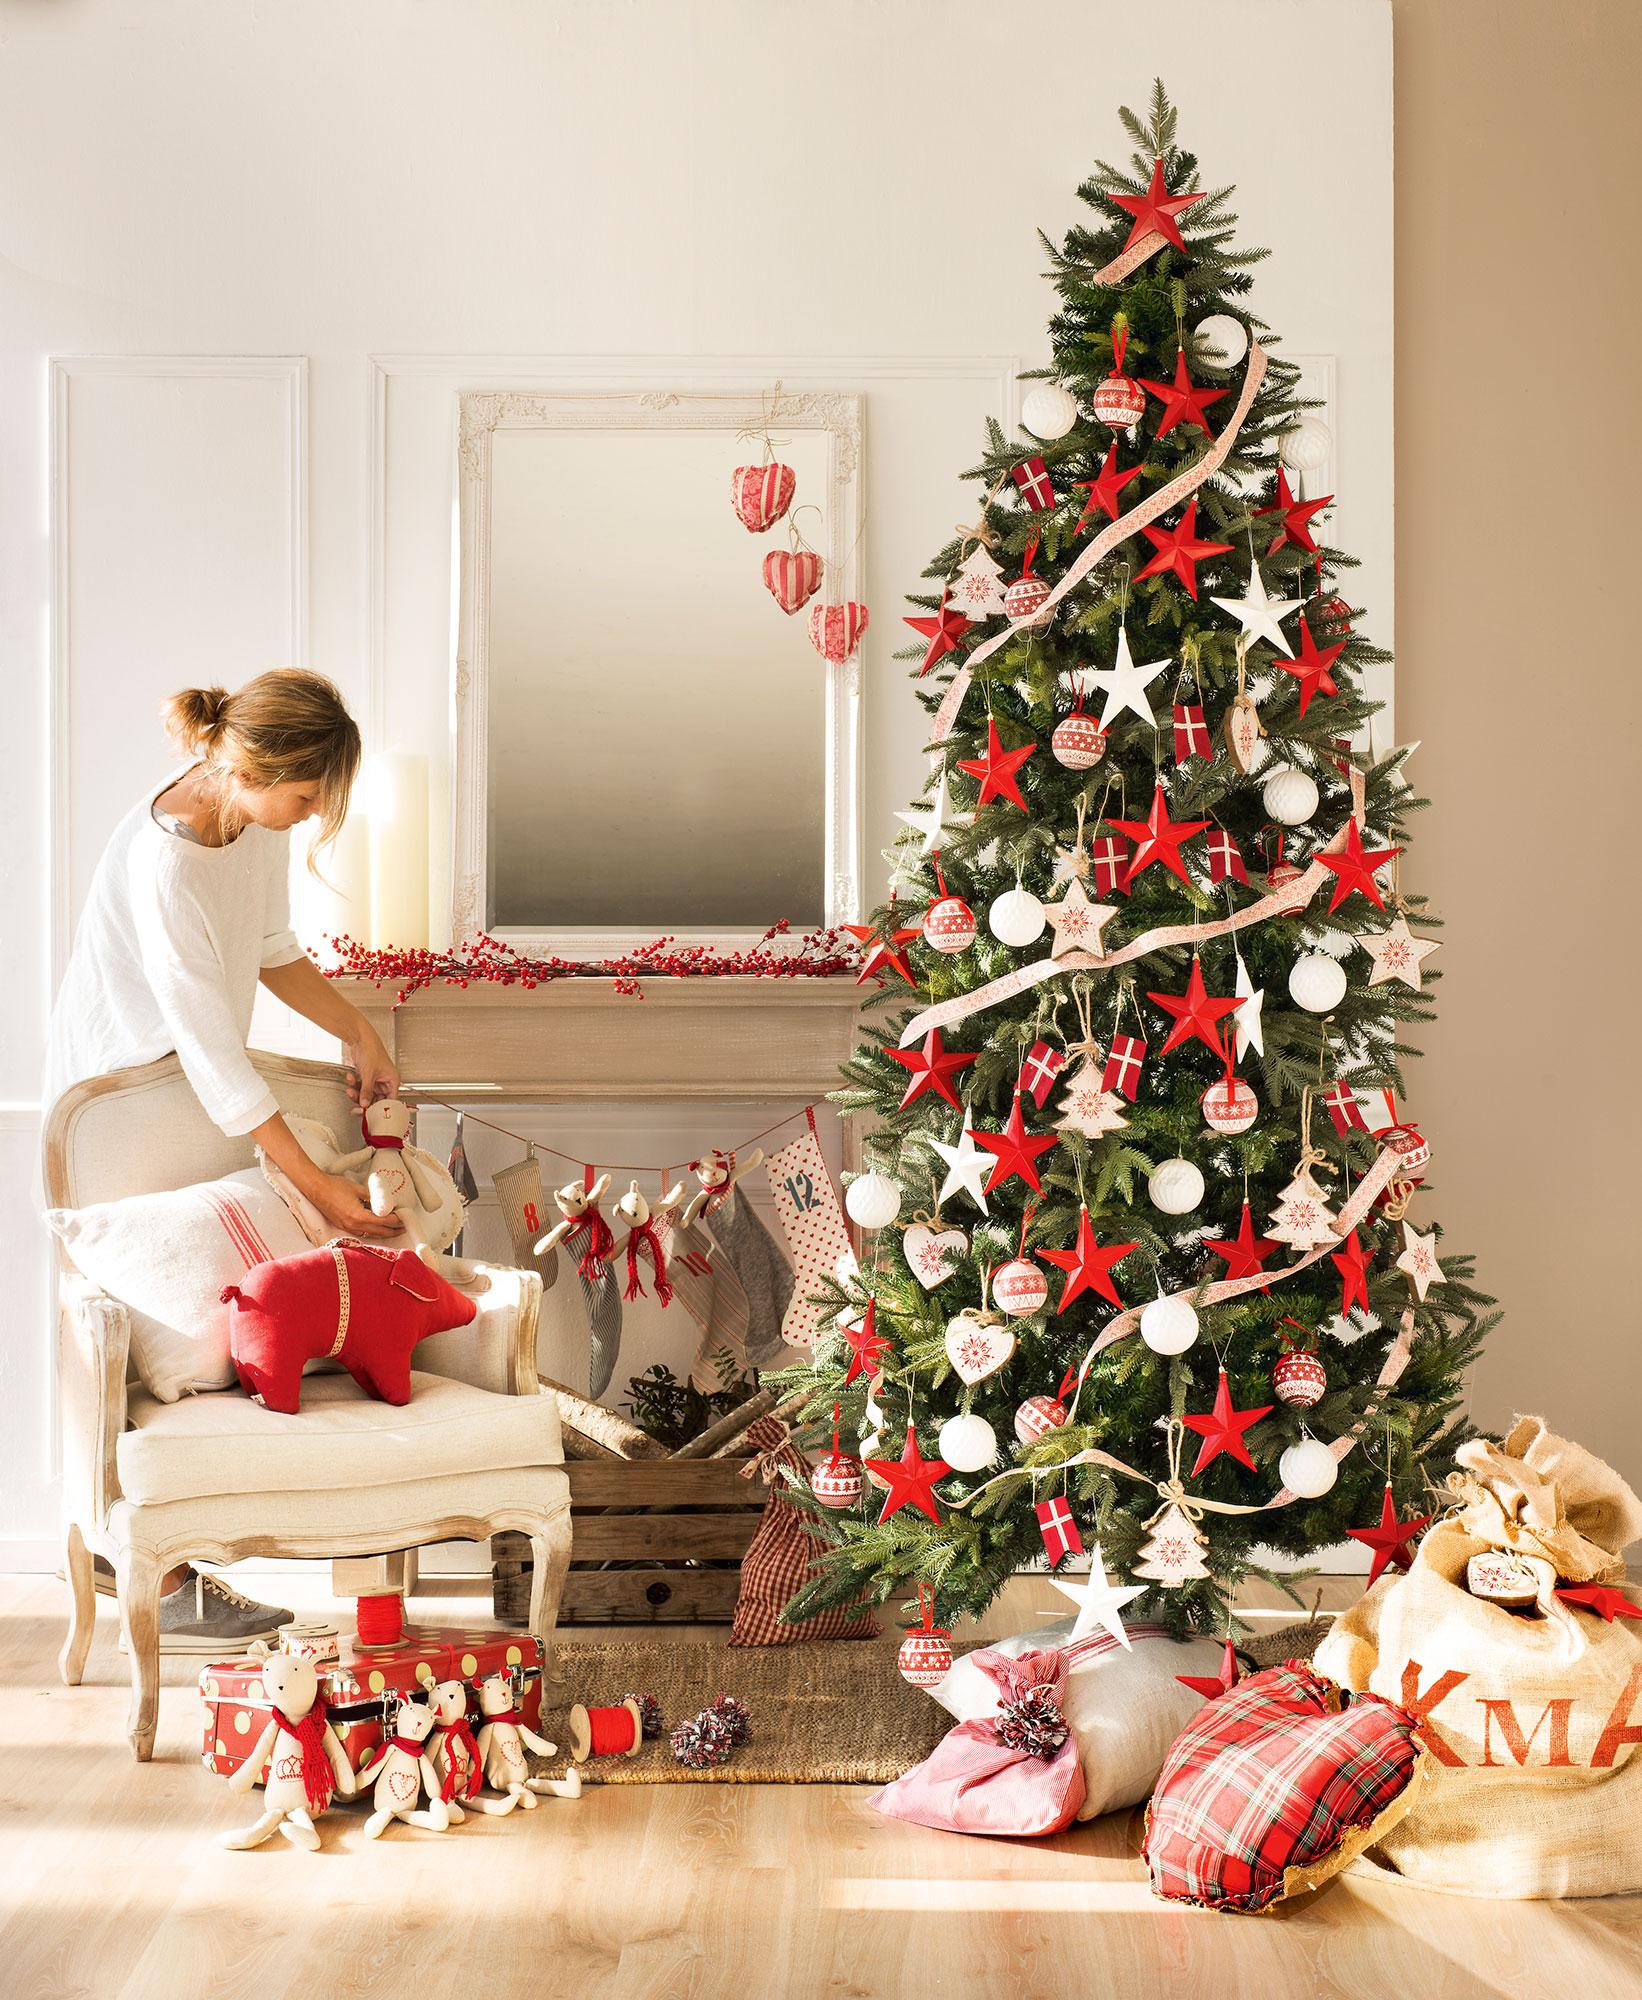 rbol de navidad con detalles en rojo y blanco